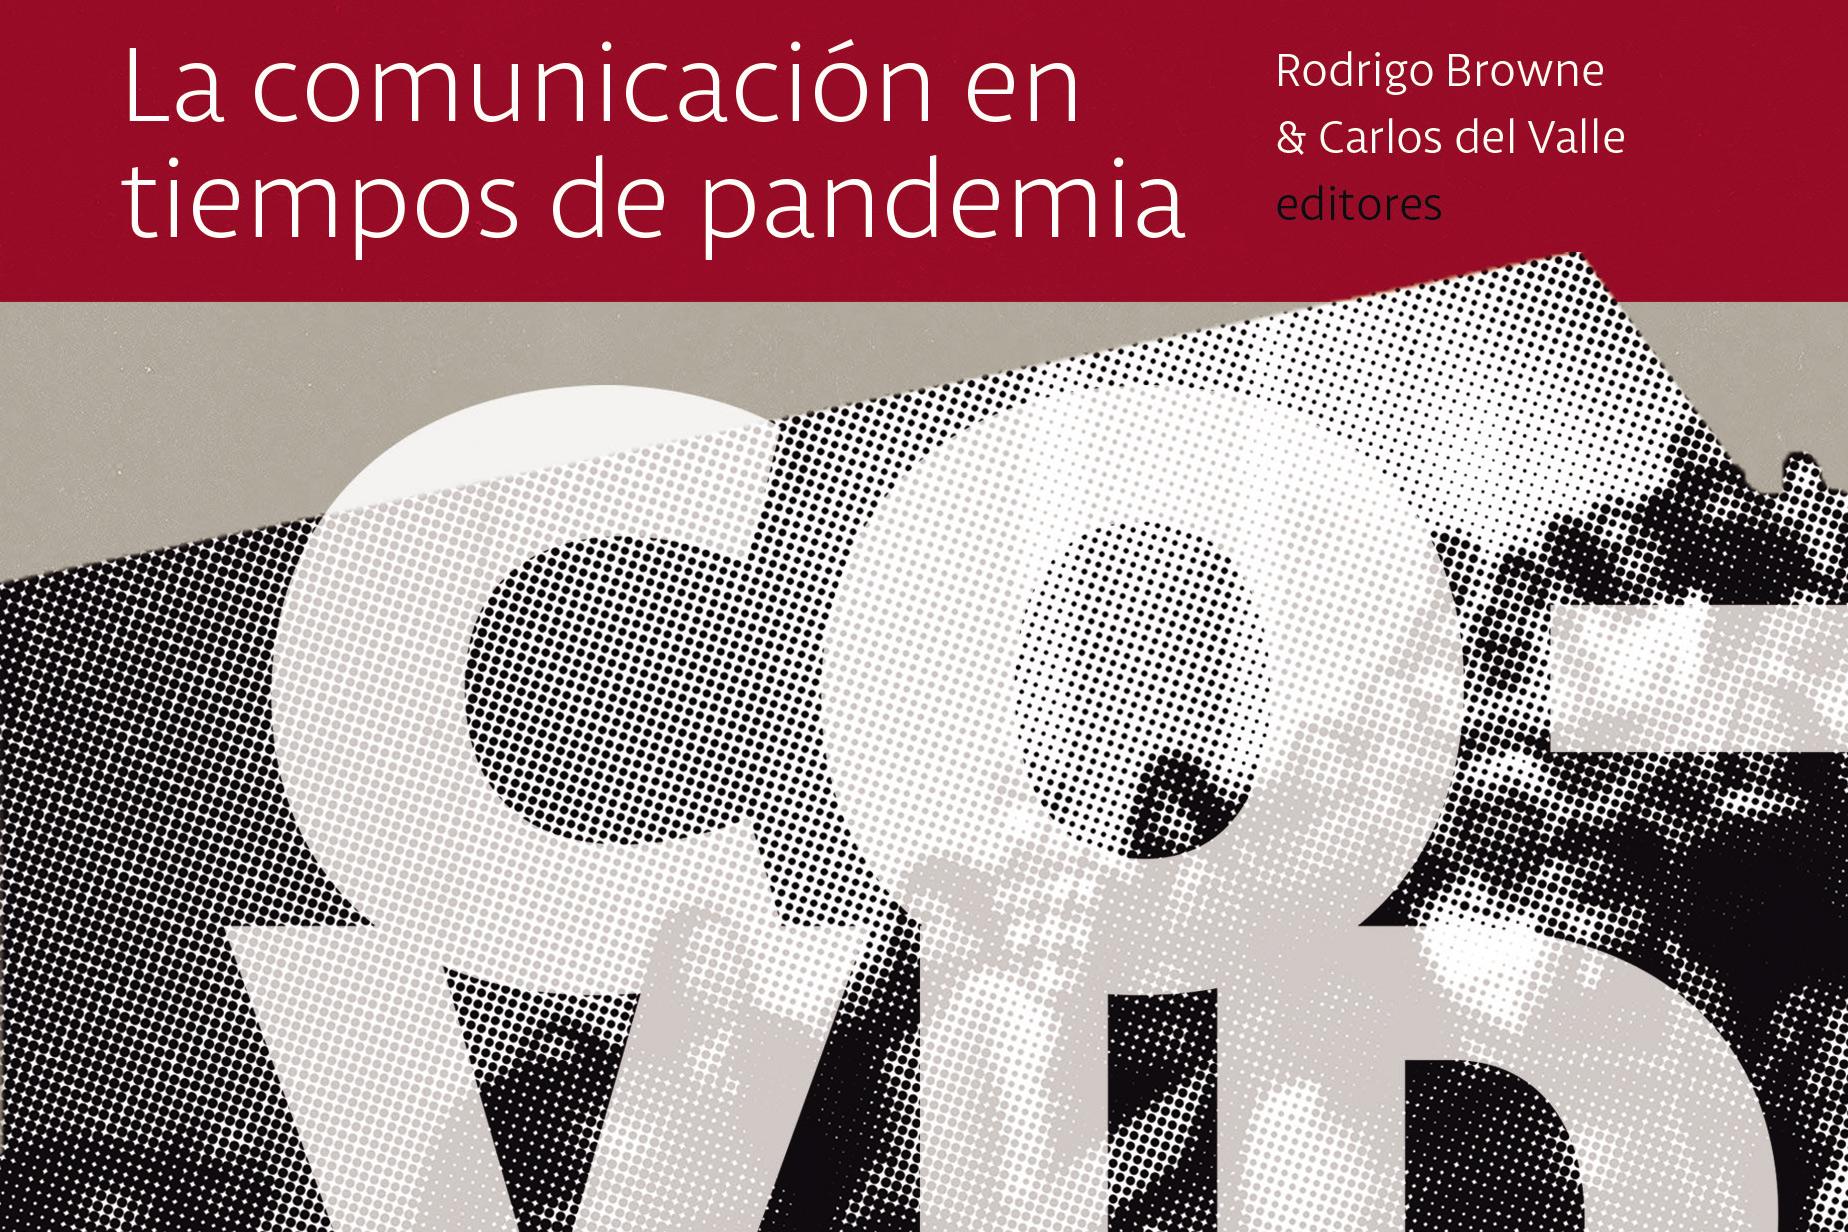 Libro permite conocer la mirada personal de investigadores de la Comunicación en torno la pandemia